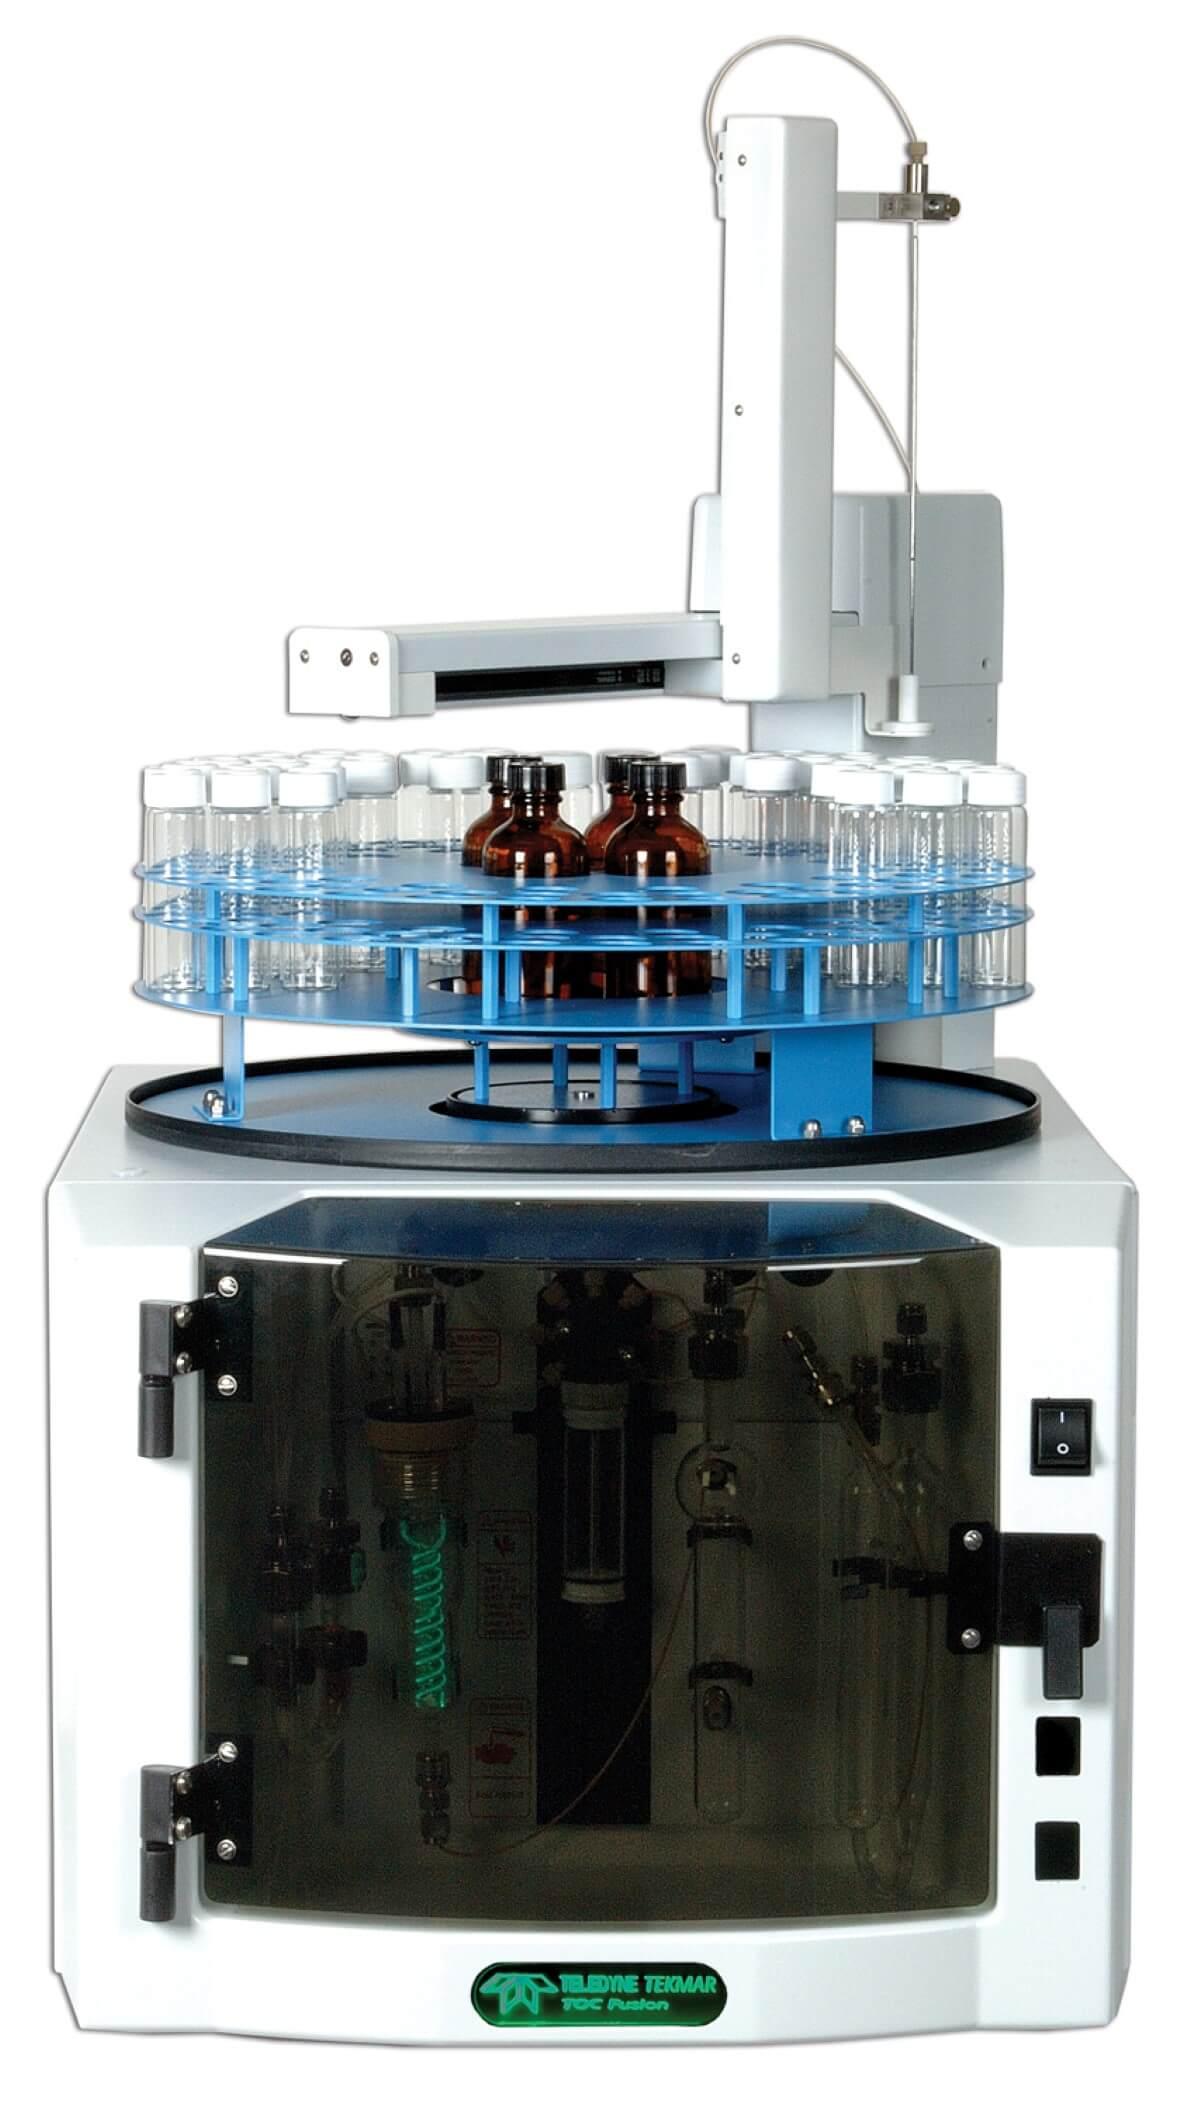 Fusion - Analizador UV / persulfato